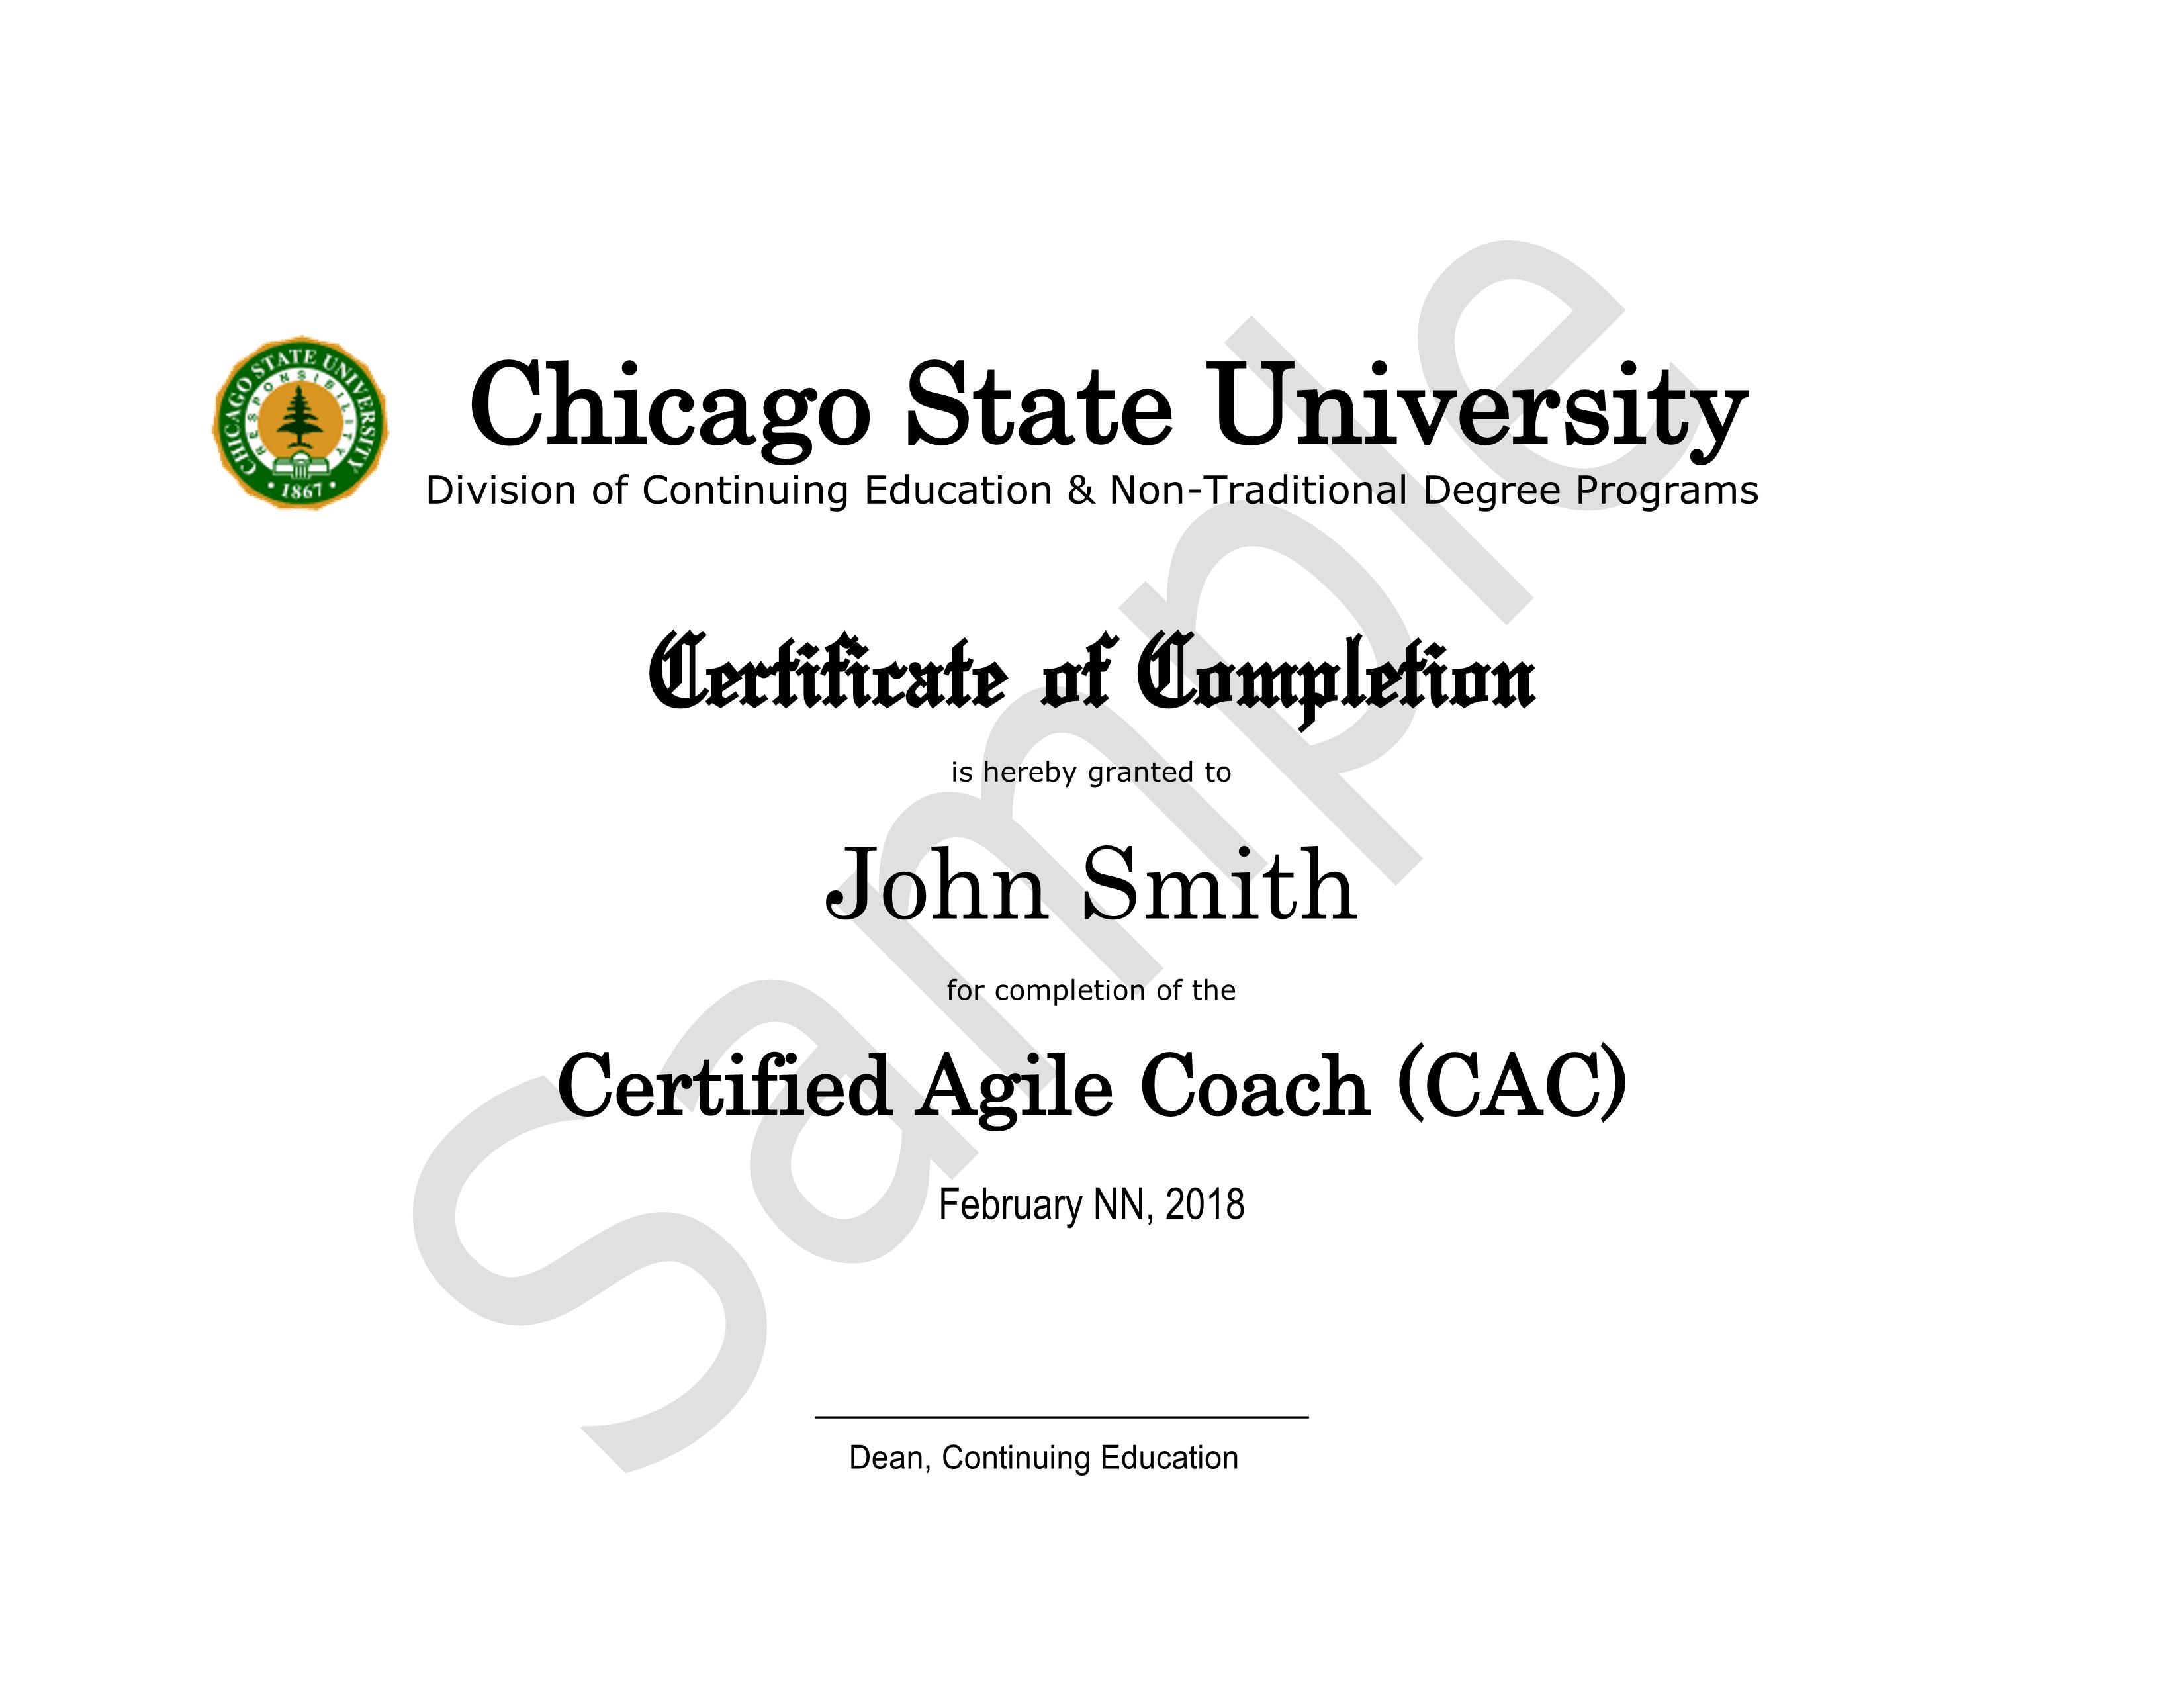 CAC Certificate Sample